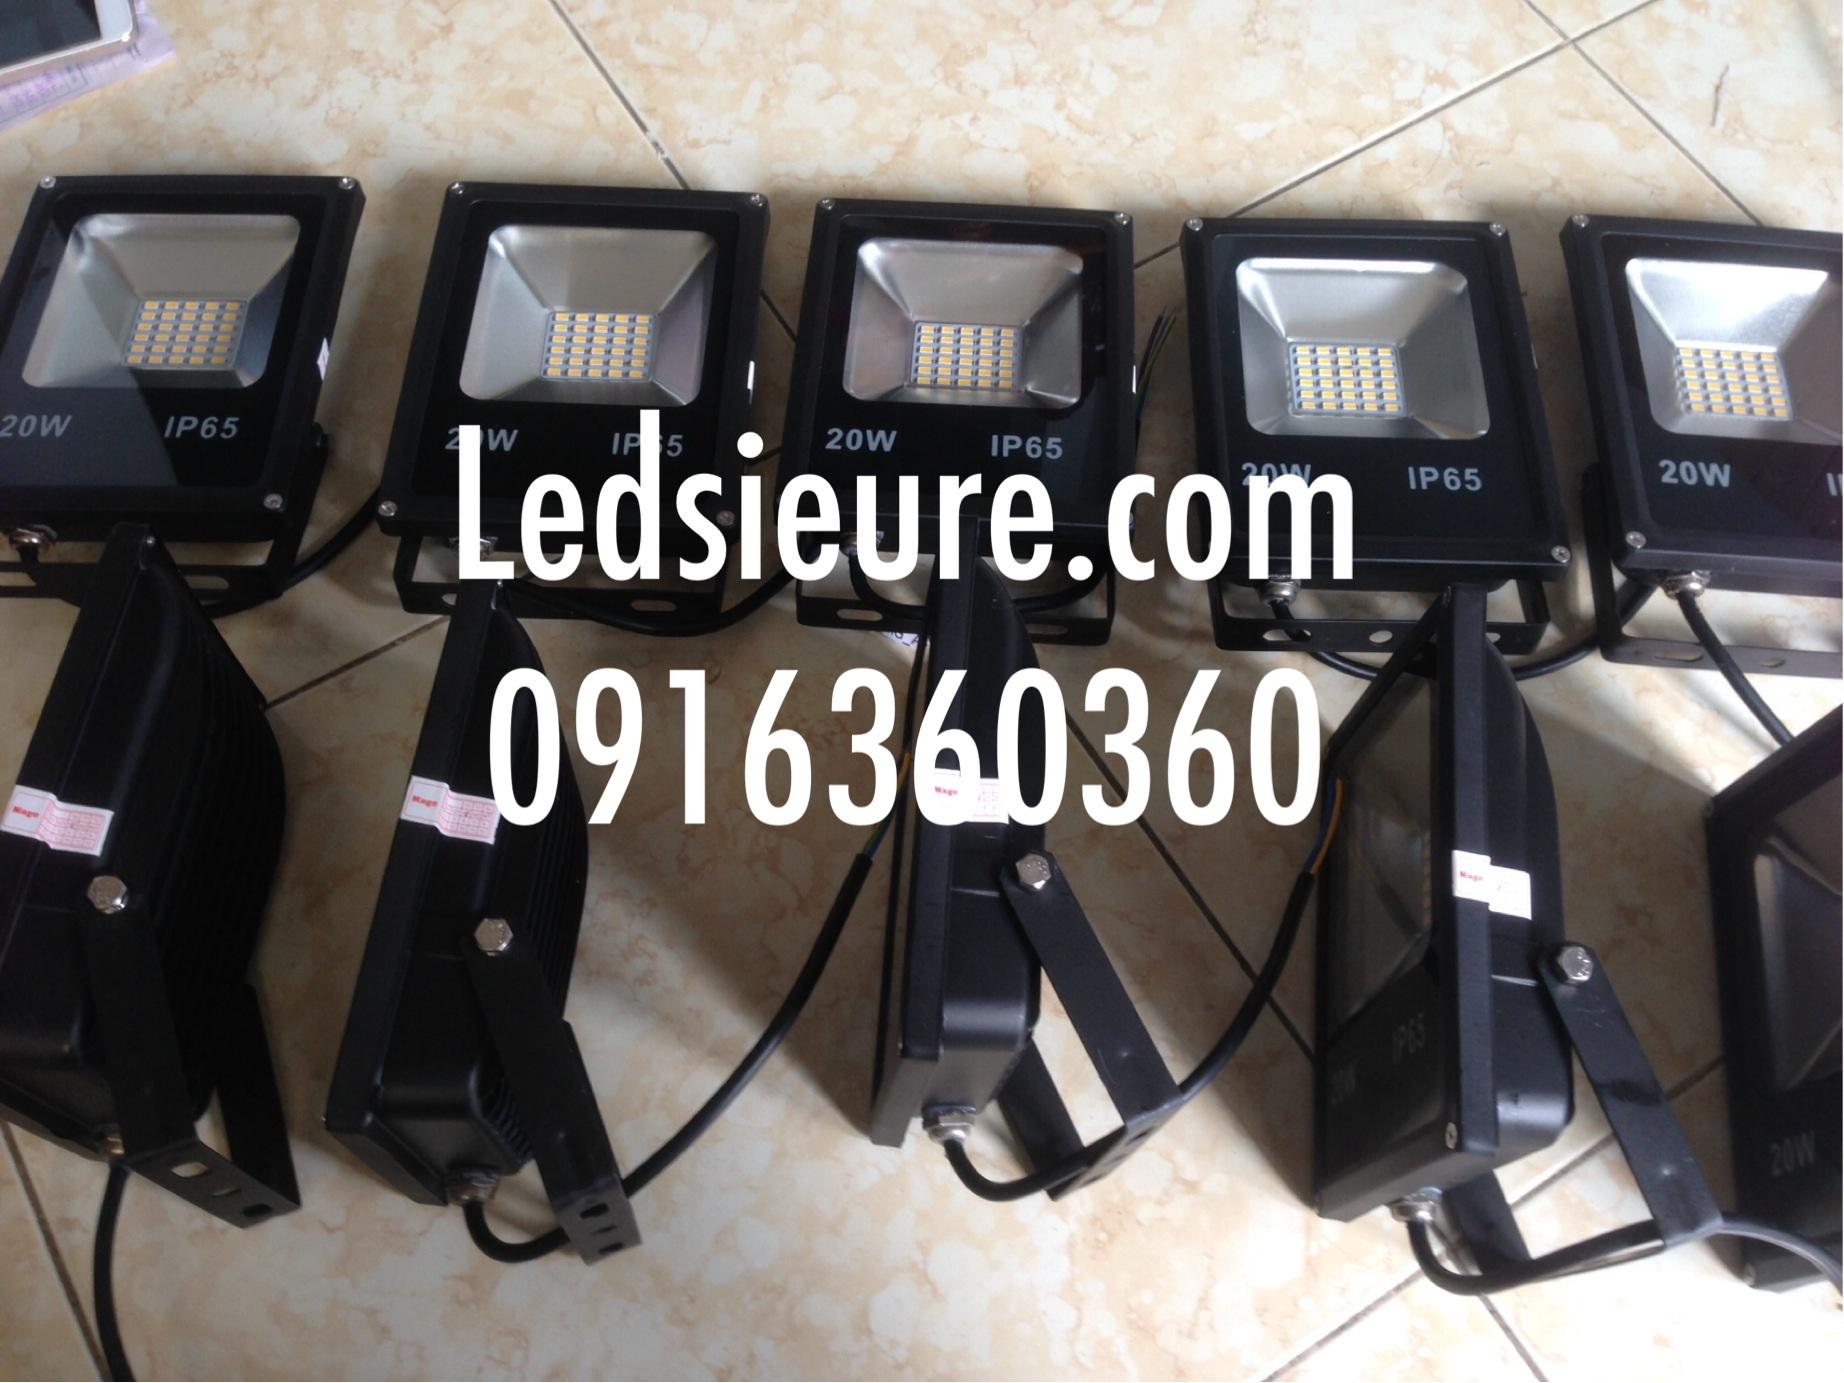 Pha led IP65 20w đủ công suất